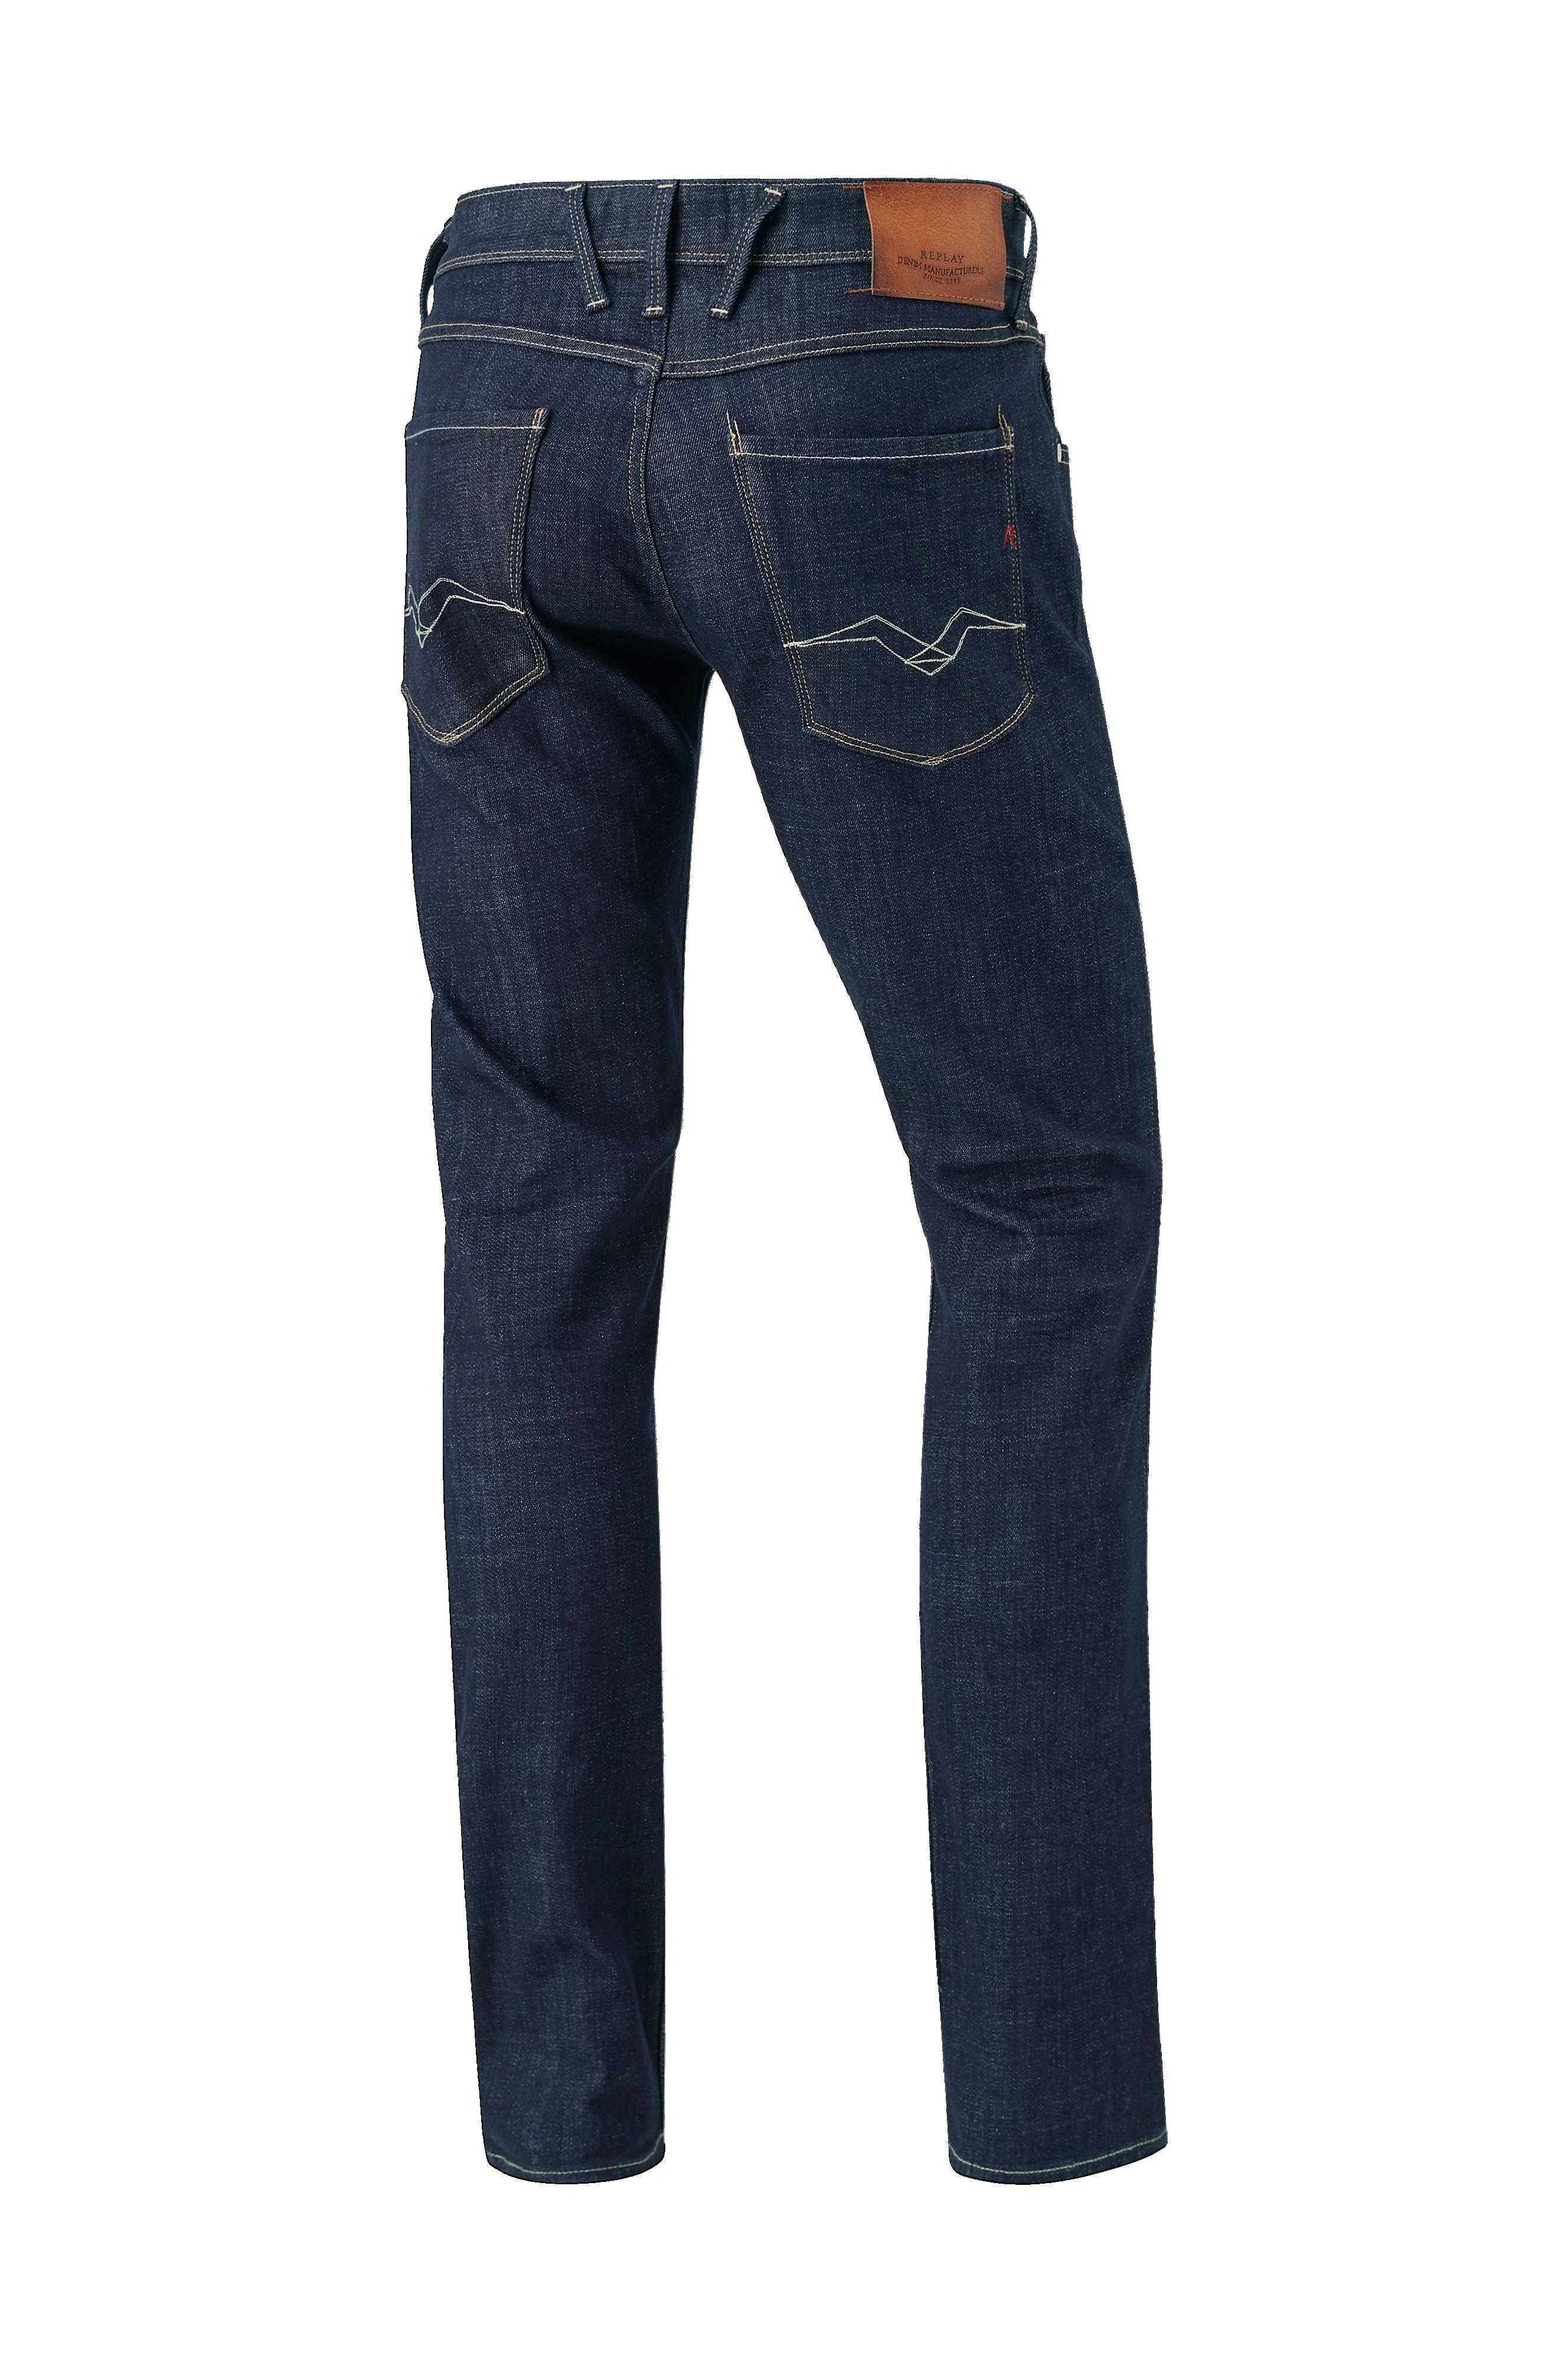 Replay Jeans Anbass - Blå - Herr